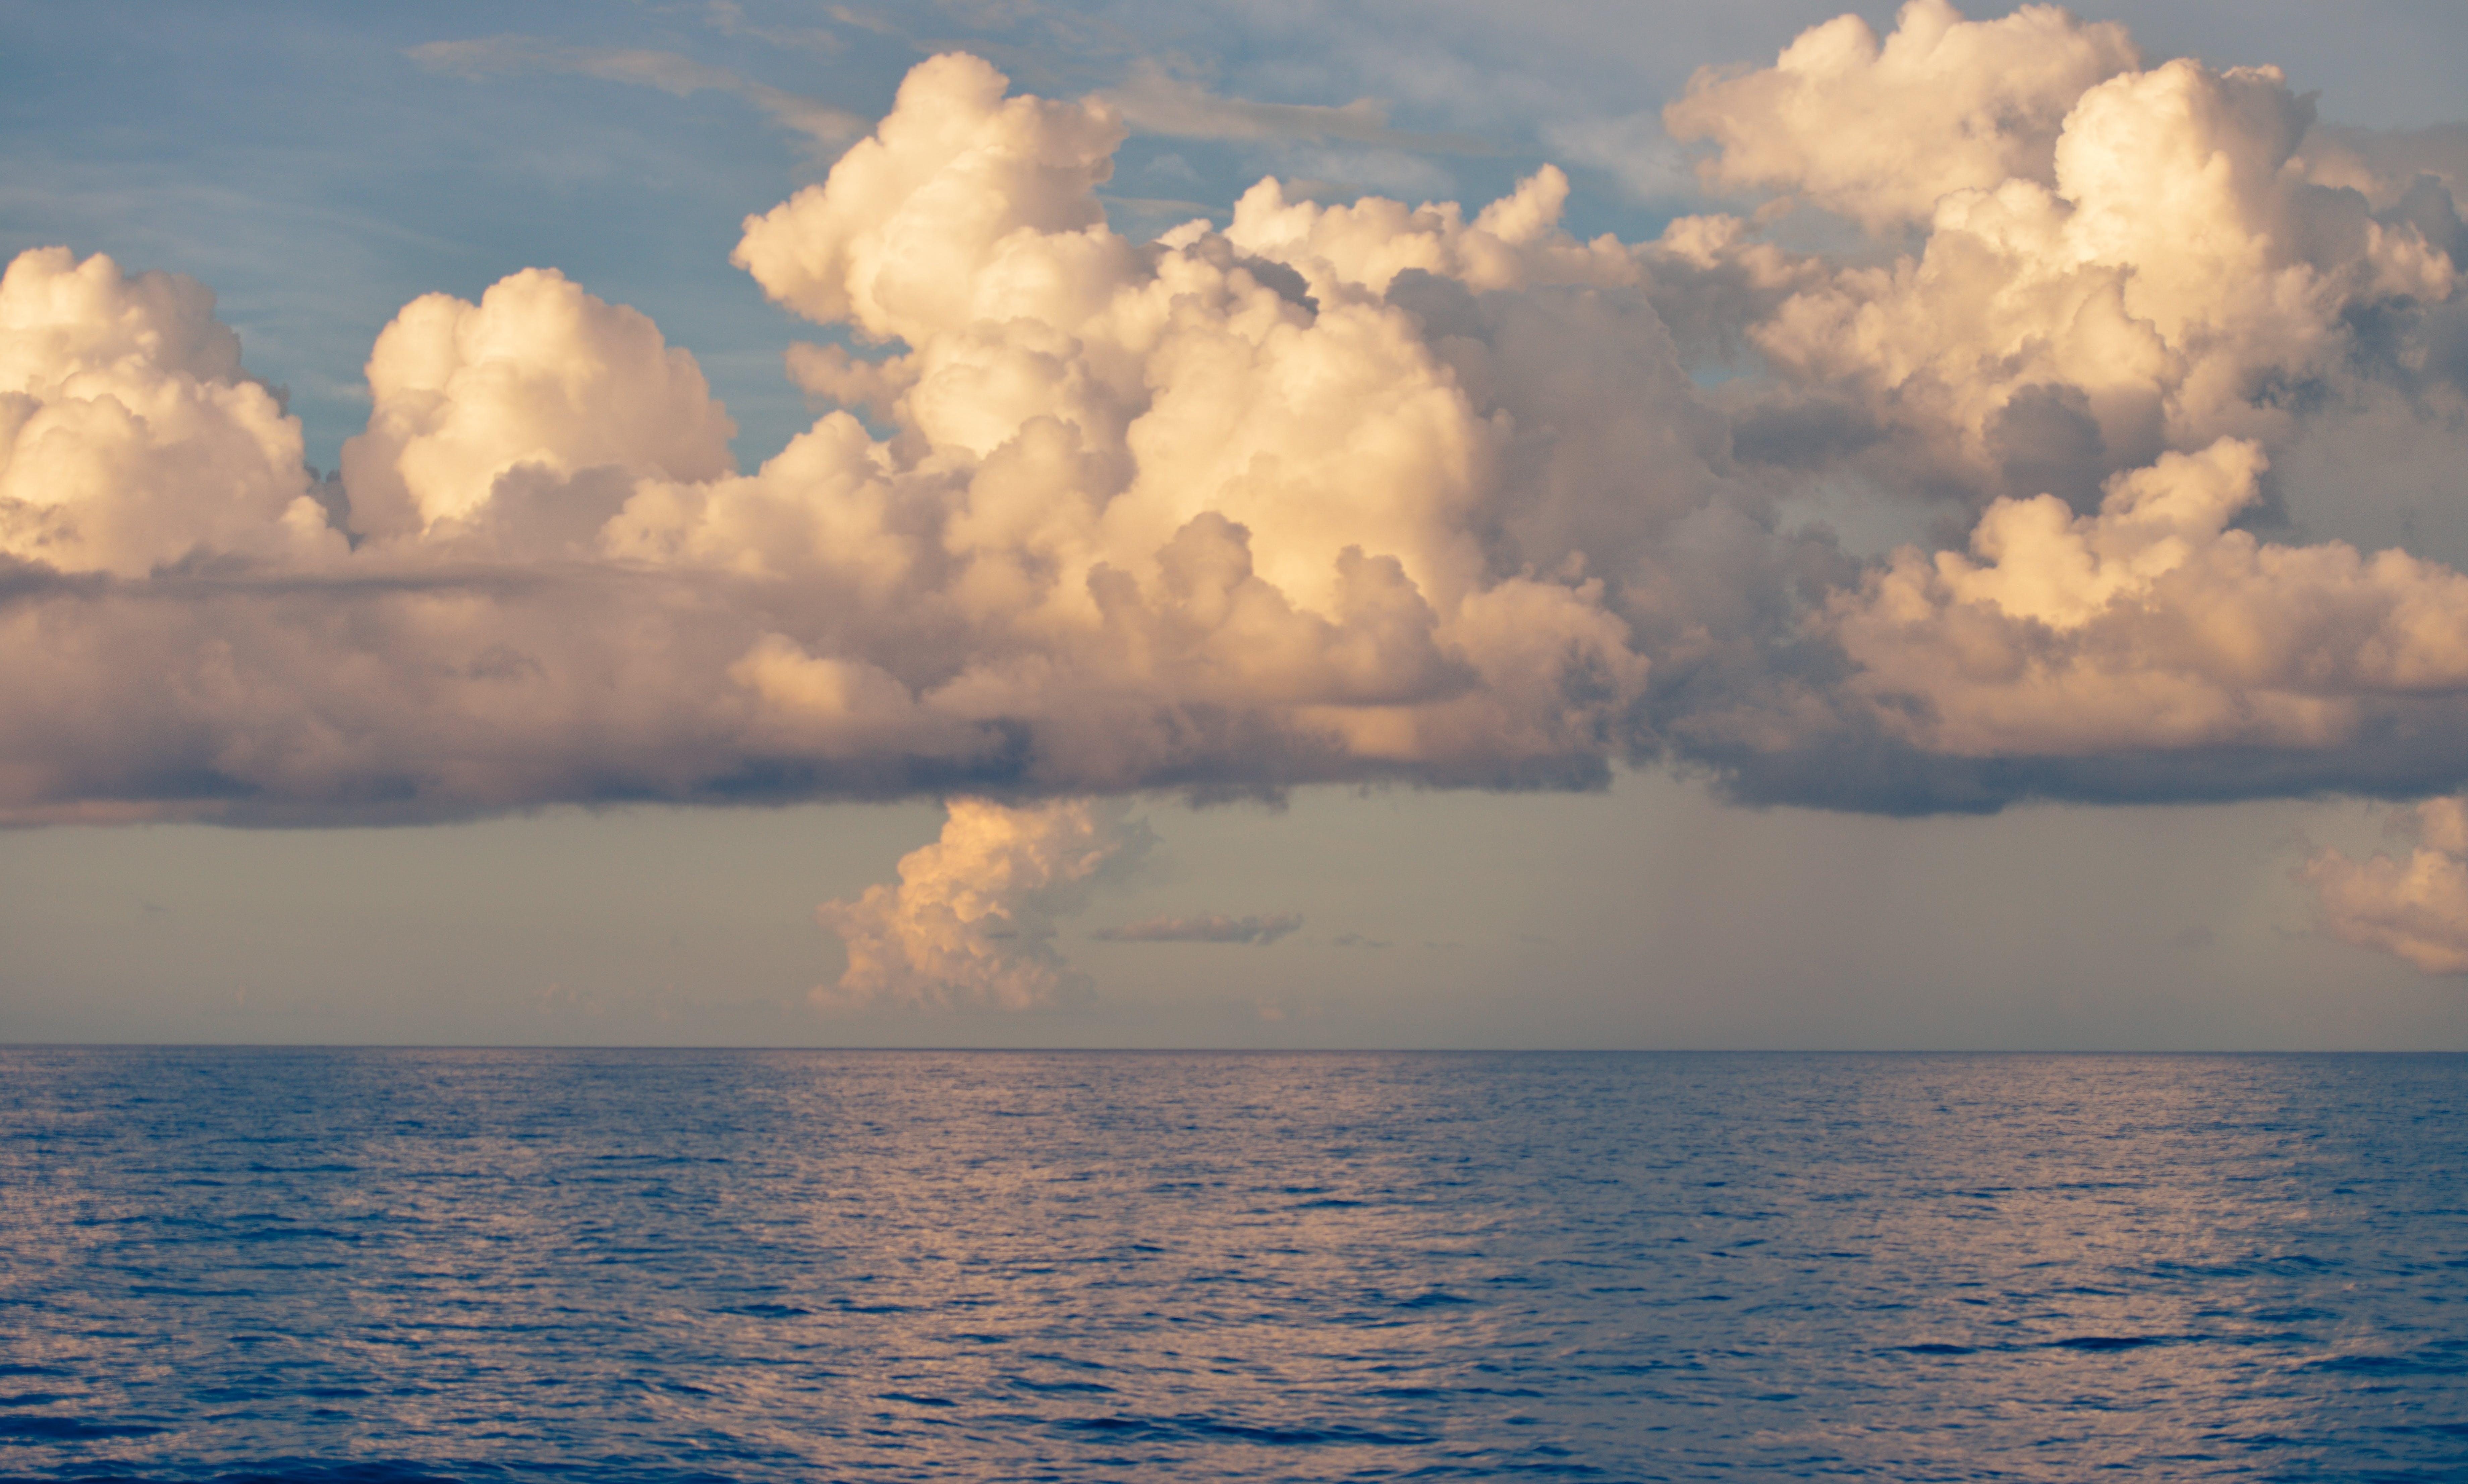 hav, himmel, sjø